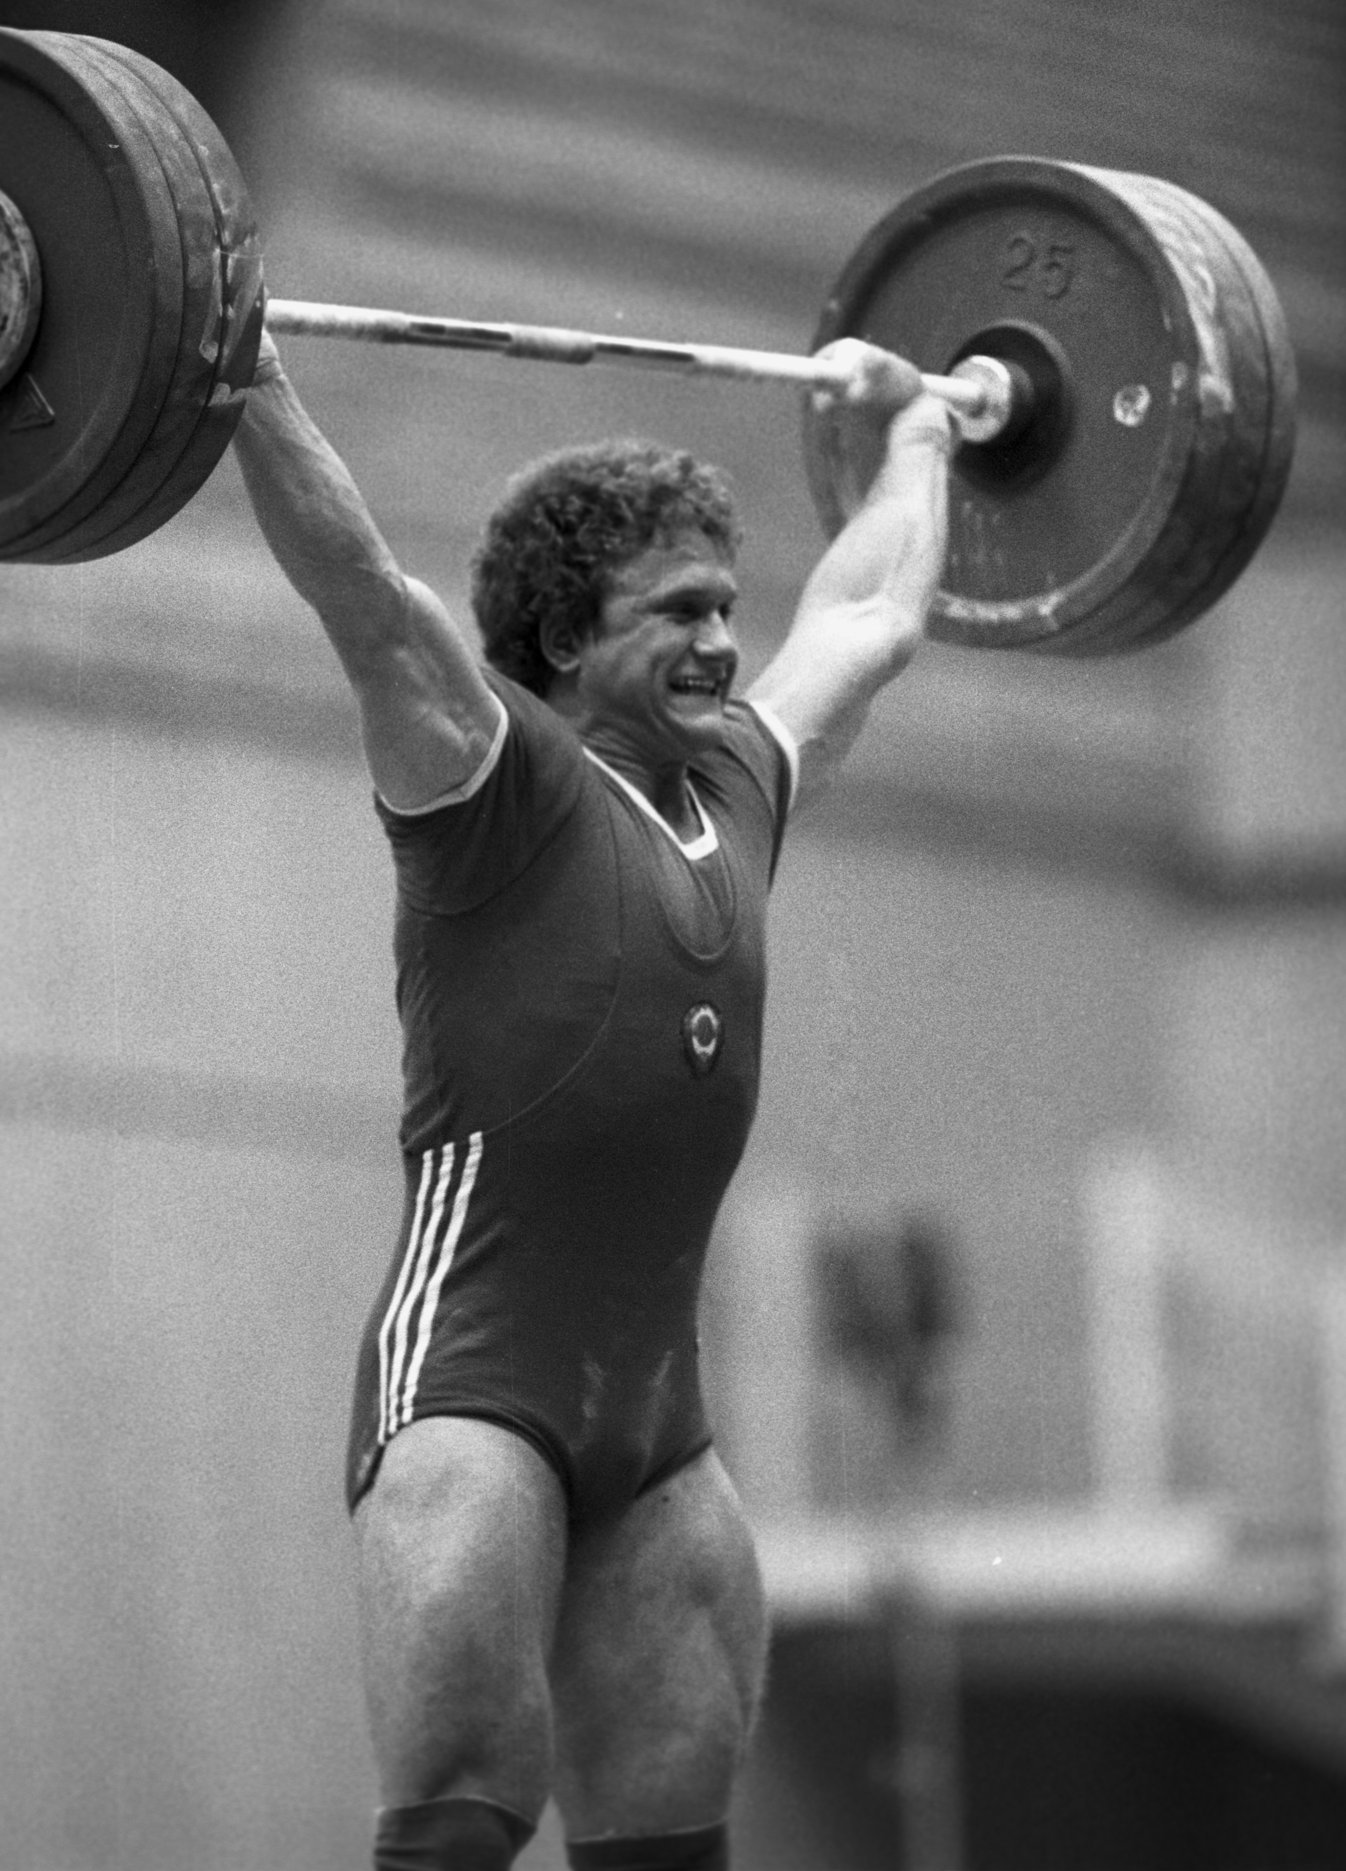 Чемпион VIII летней Спартакиады народов СССР по тяжелой атлетике Анатолий Храпатый, 1983 год